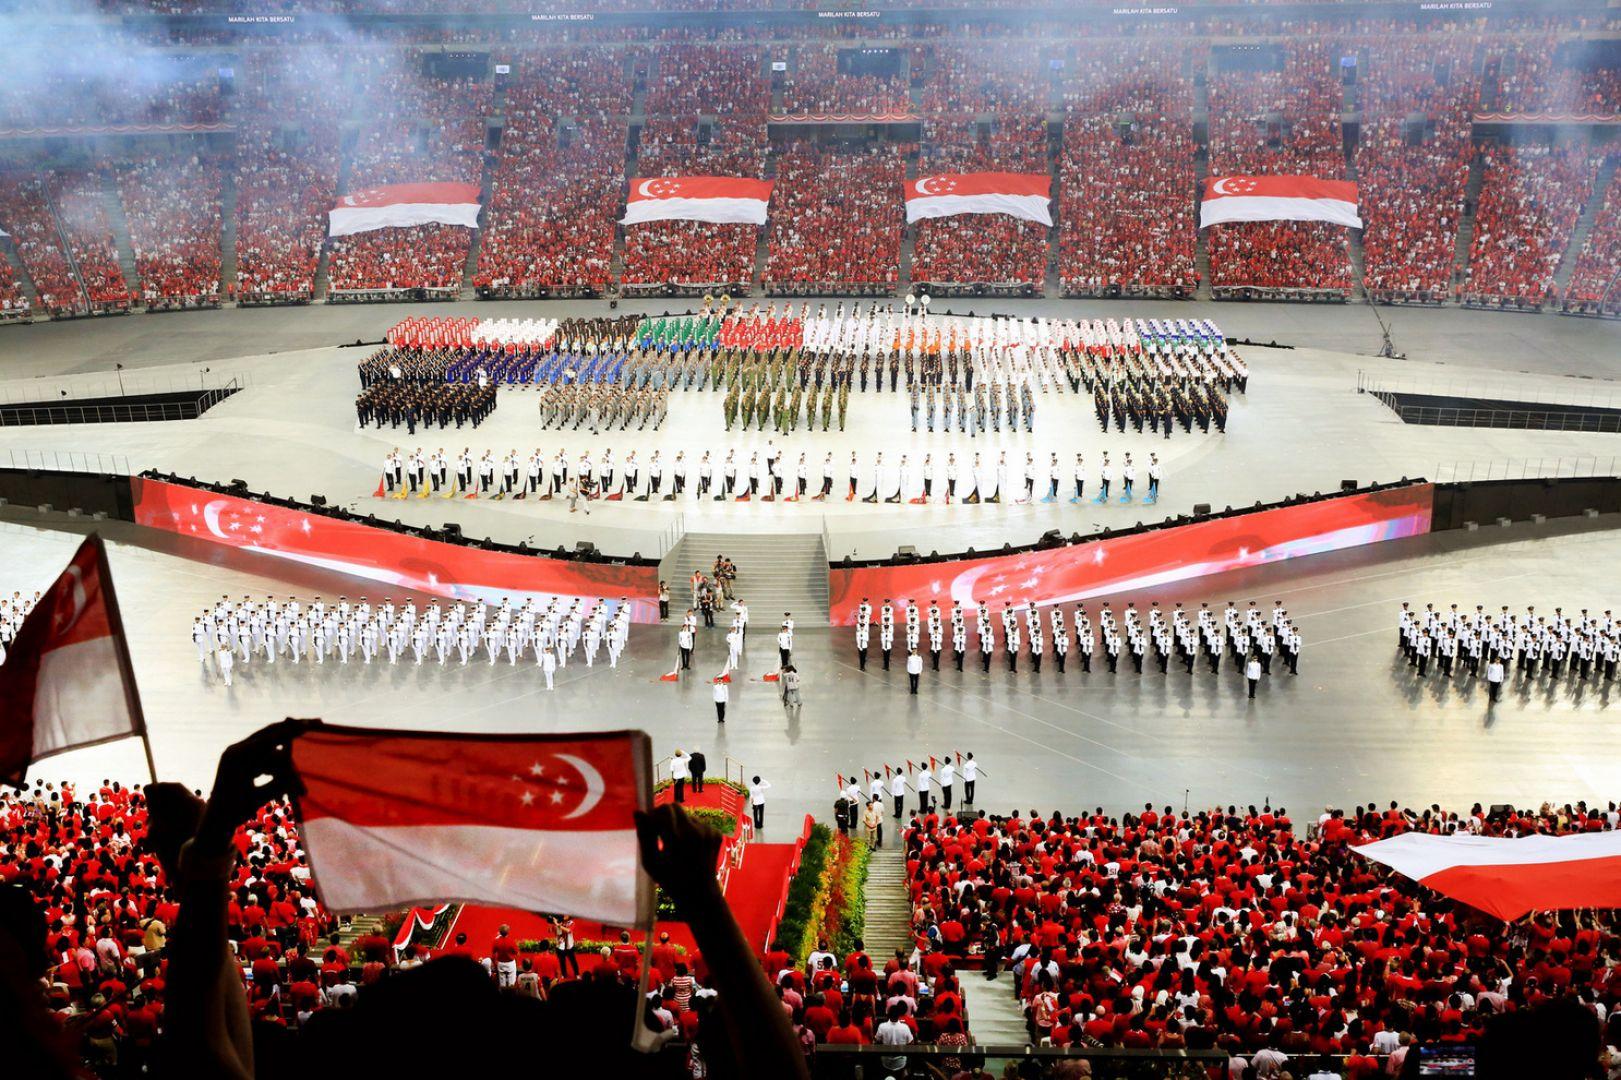 매년 8월, 싱가포르에서는 가장 큰 행사가 열린다!...